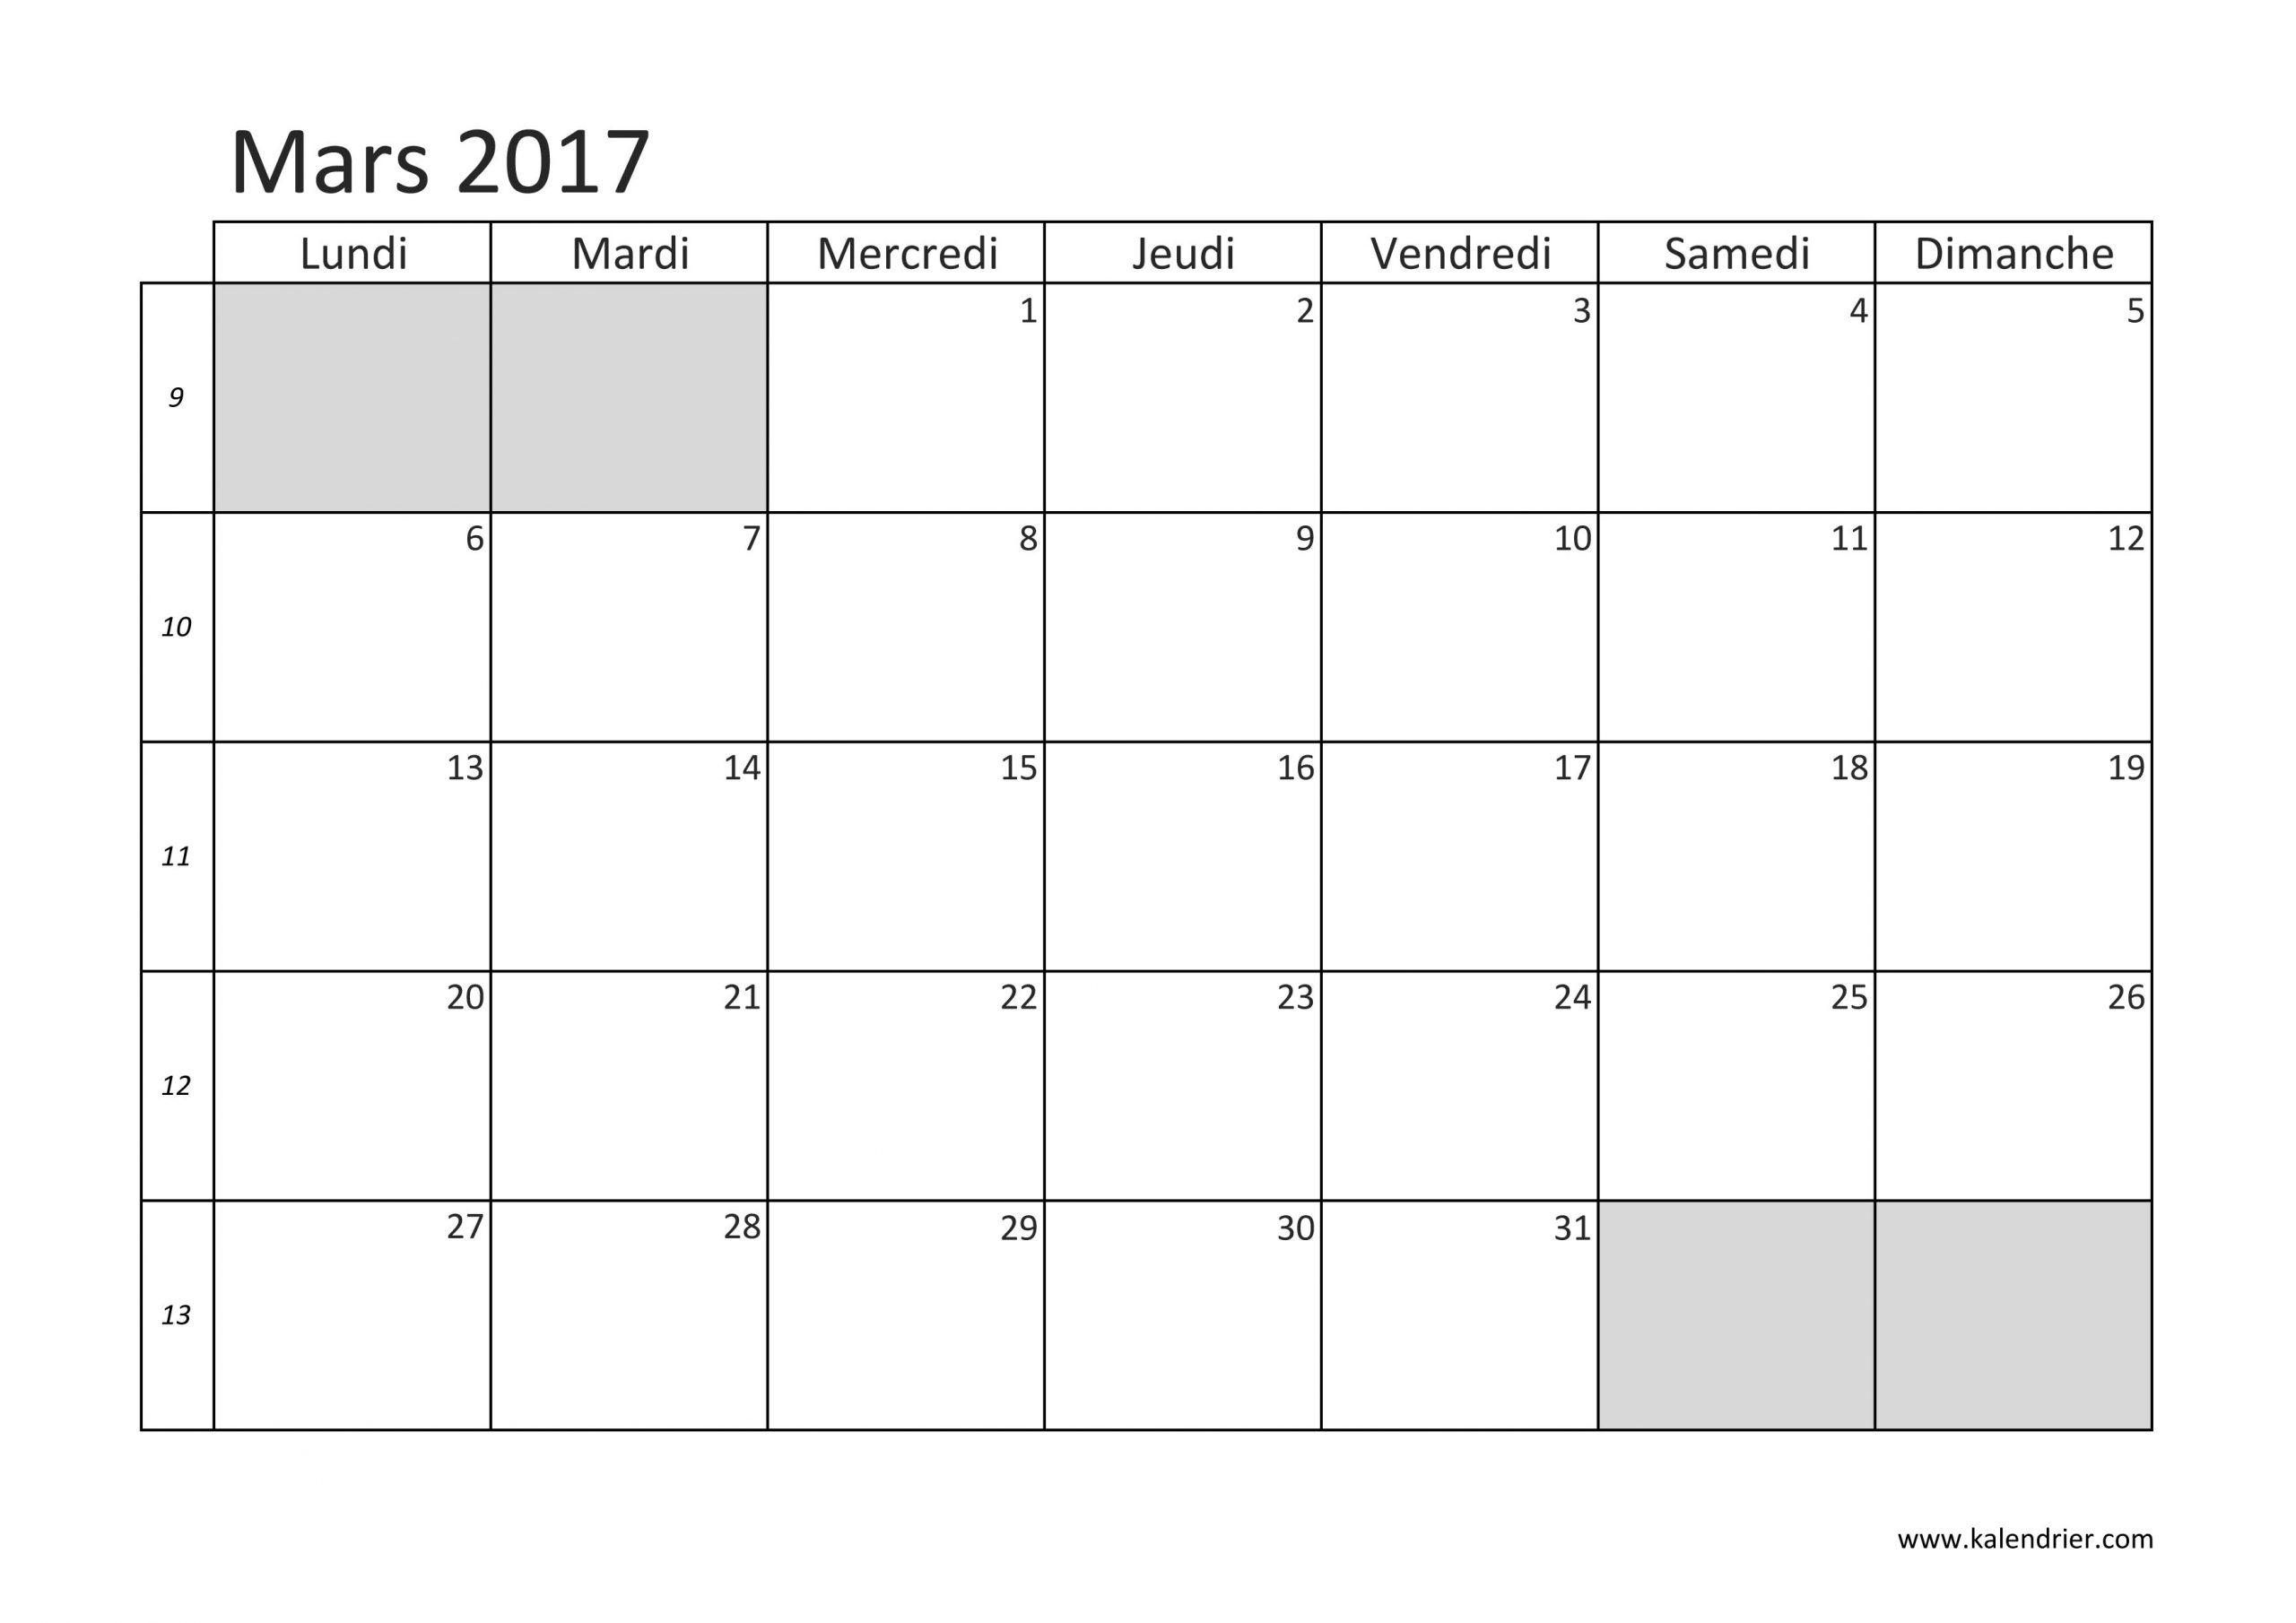 Imprimer Calendrier 2017 Gratuitement - Pdf, Xls Et Jpg pour Calendrier 2017 Imprimable